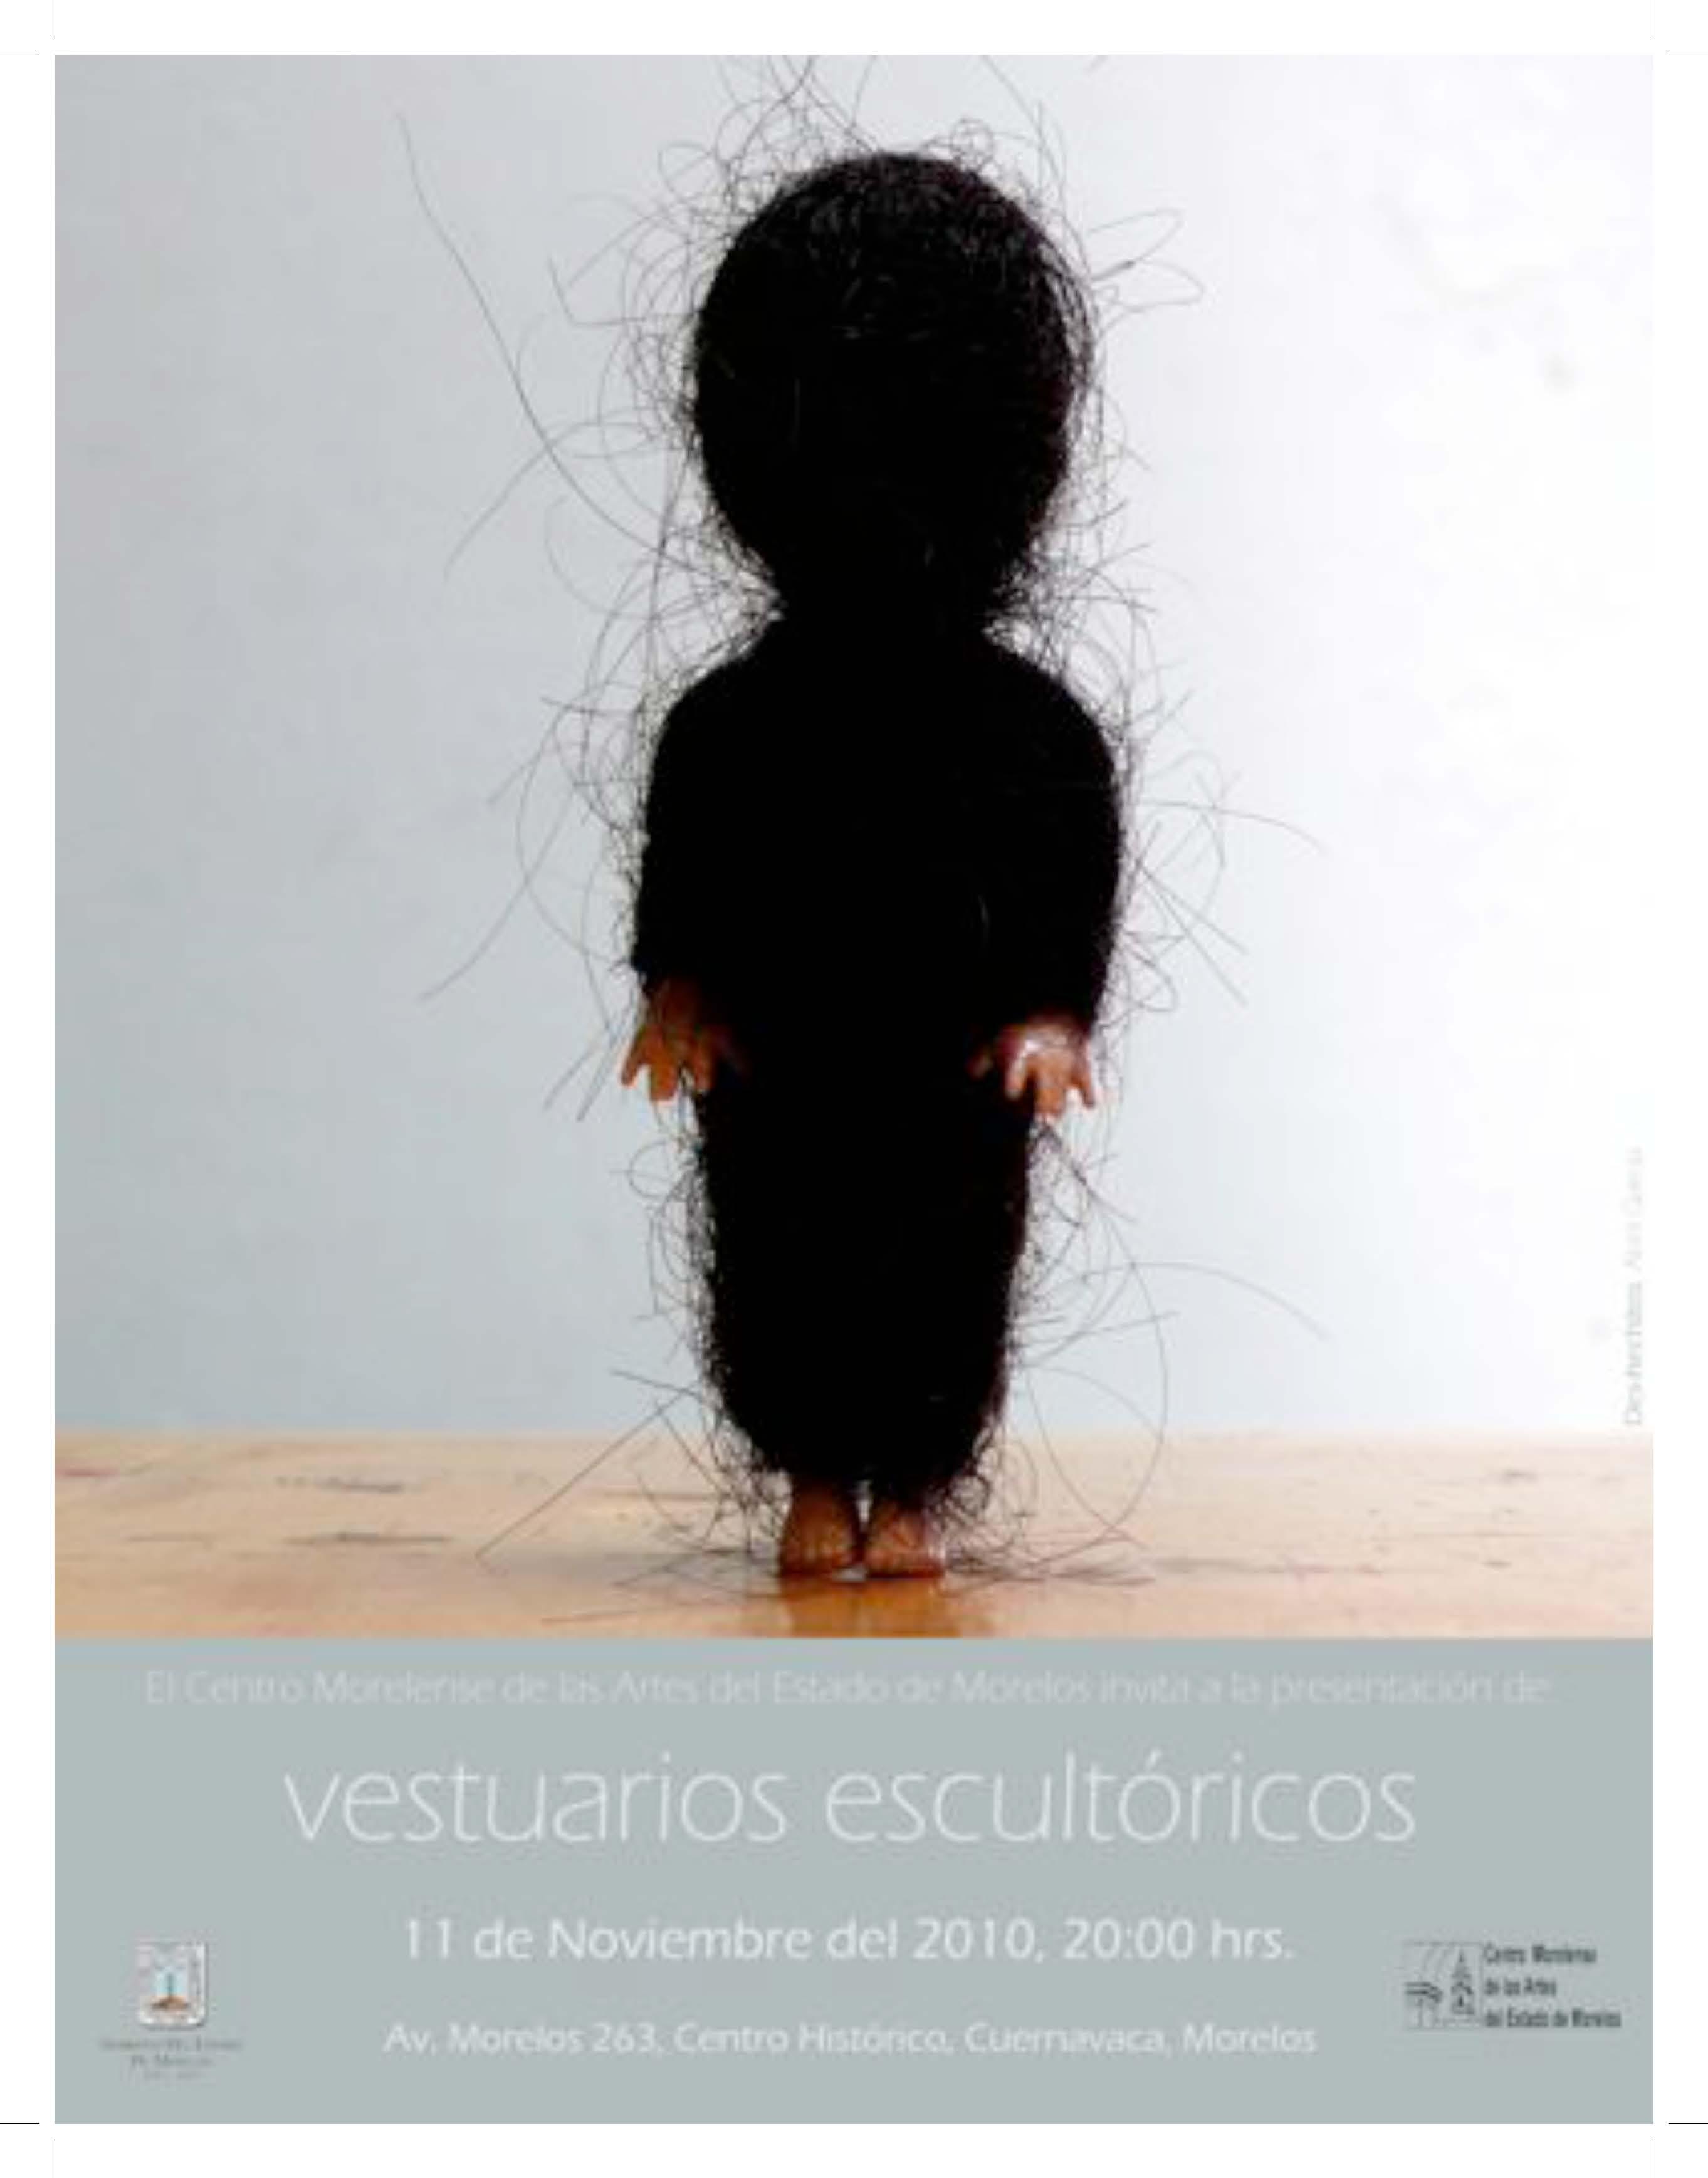 2010 PDF catalogo vestuarios escultoricos_Página_39.jpg